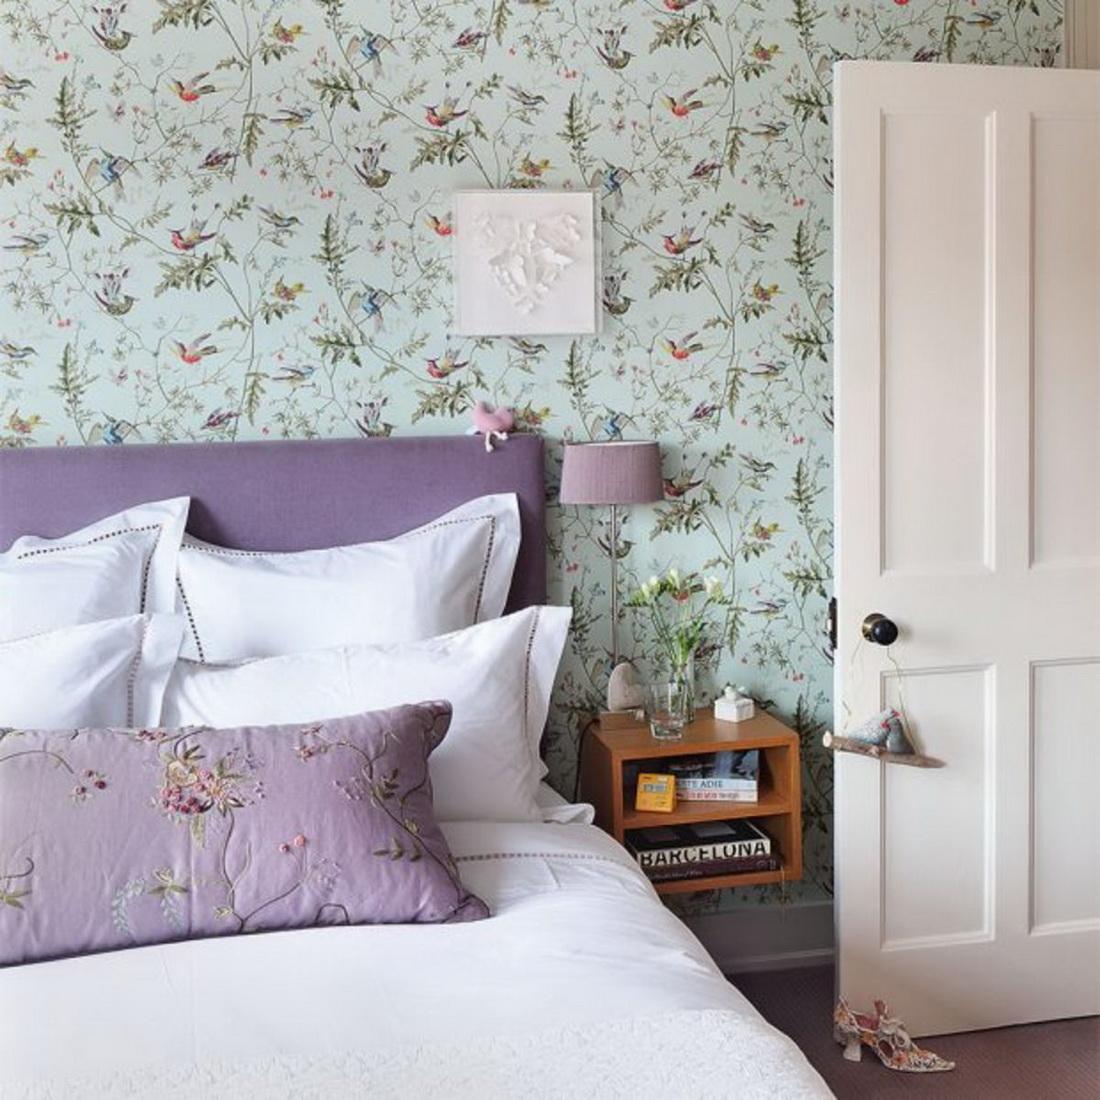 современным видом бумажные обои для спальни фото пожелания утро